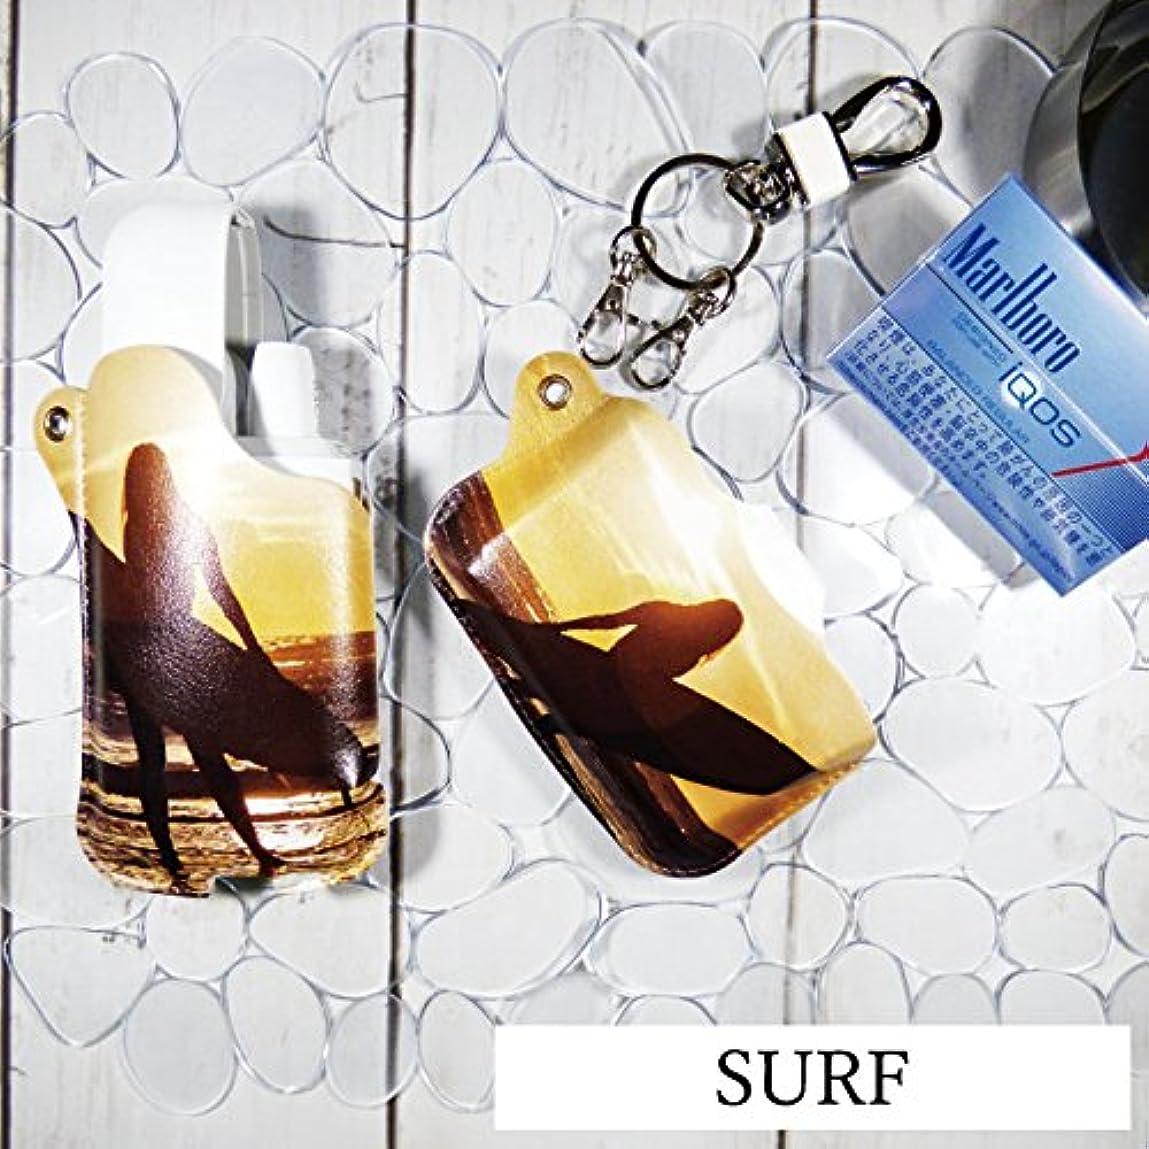 広告定期的ポットIQOS カバー デザイン カバー IQOS ケース サーフ SURF 柄  ヒートスティック ケース キーホルダ型カラビナ付き